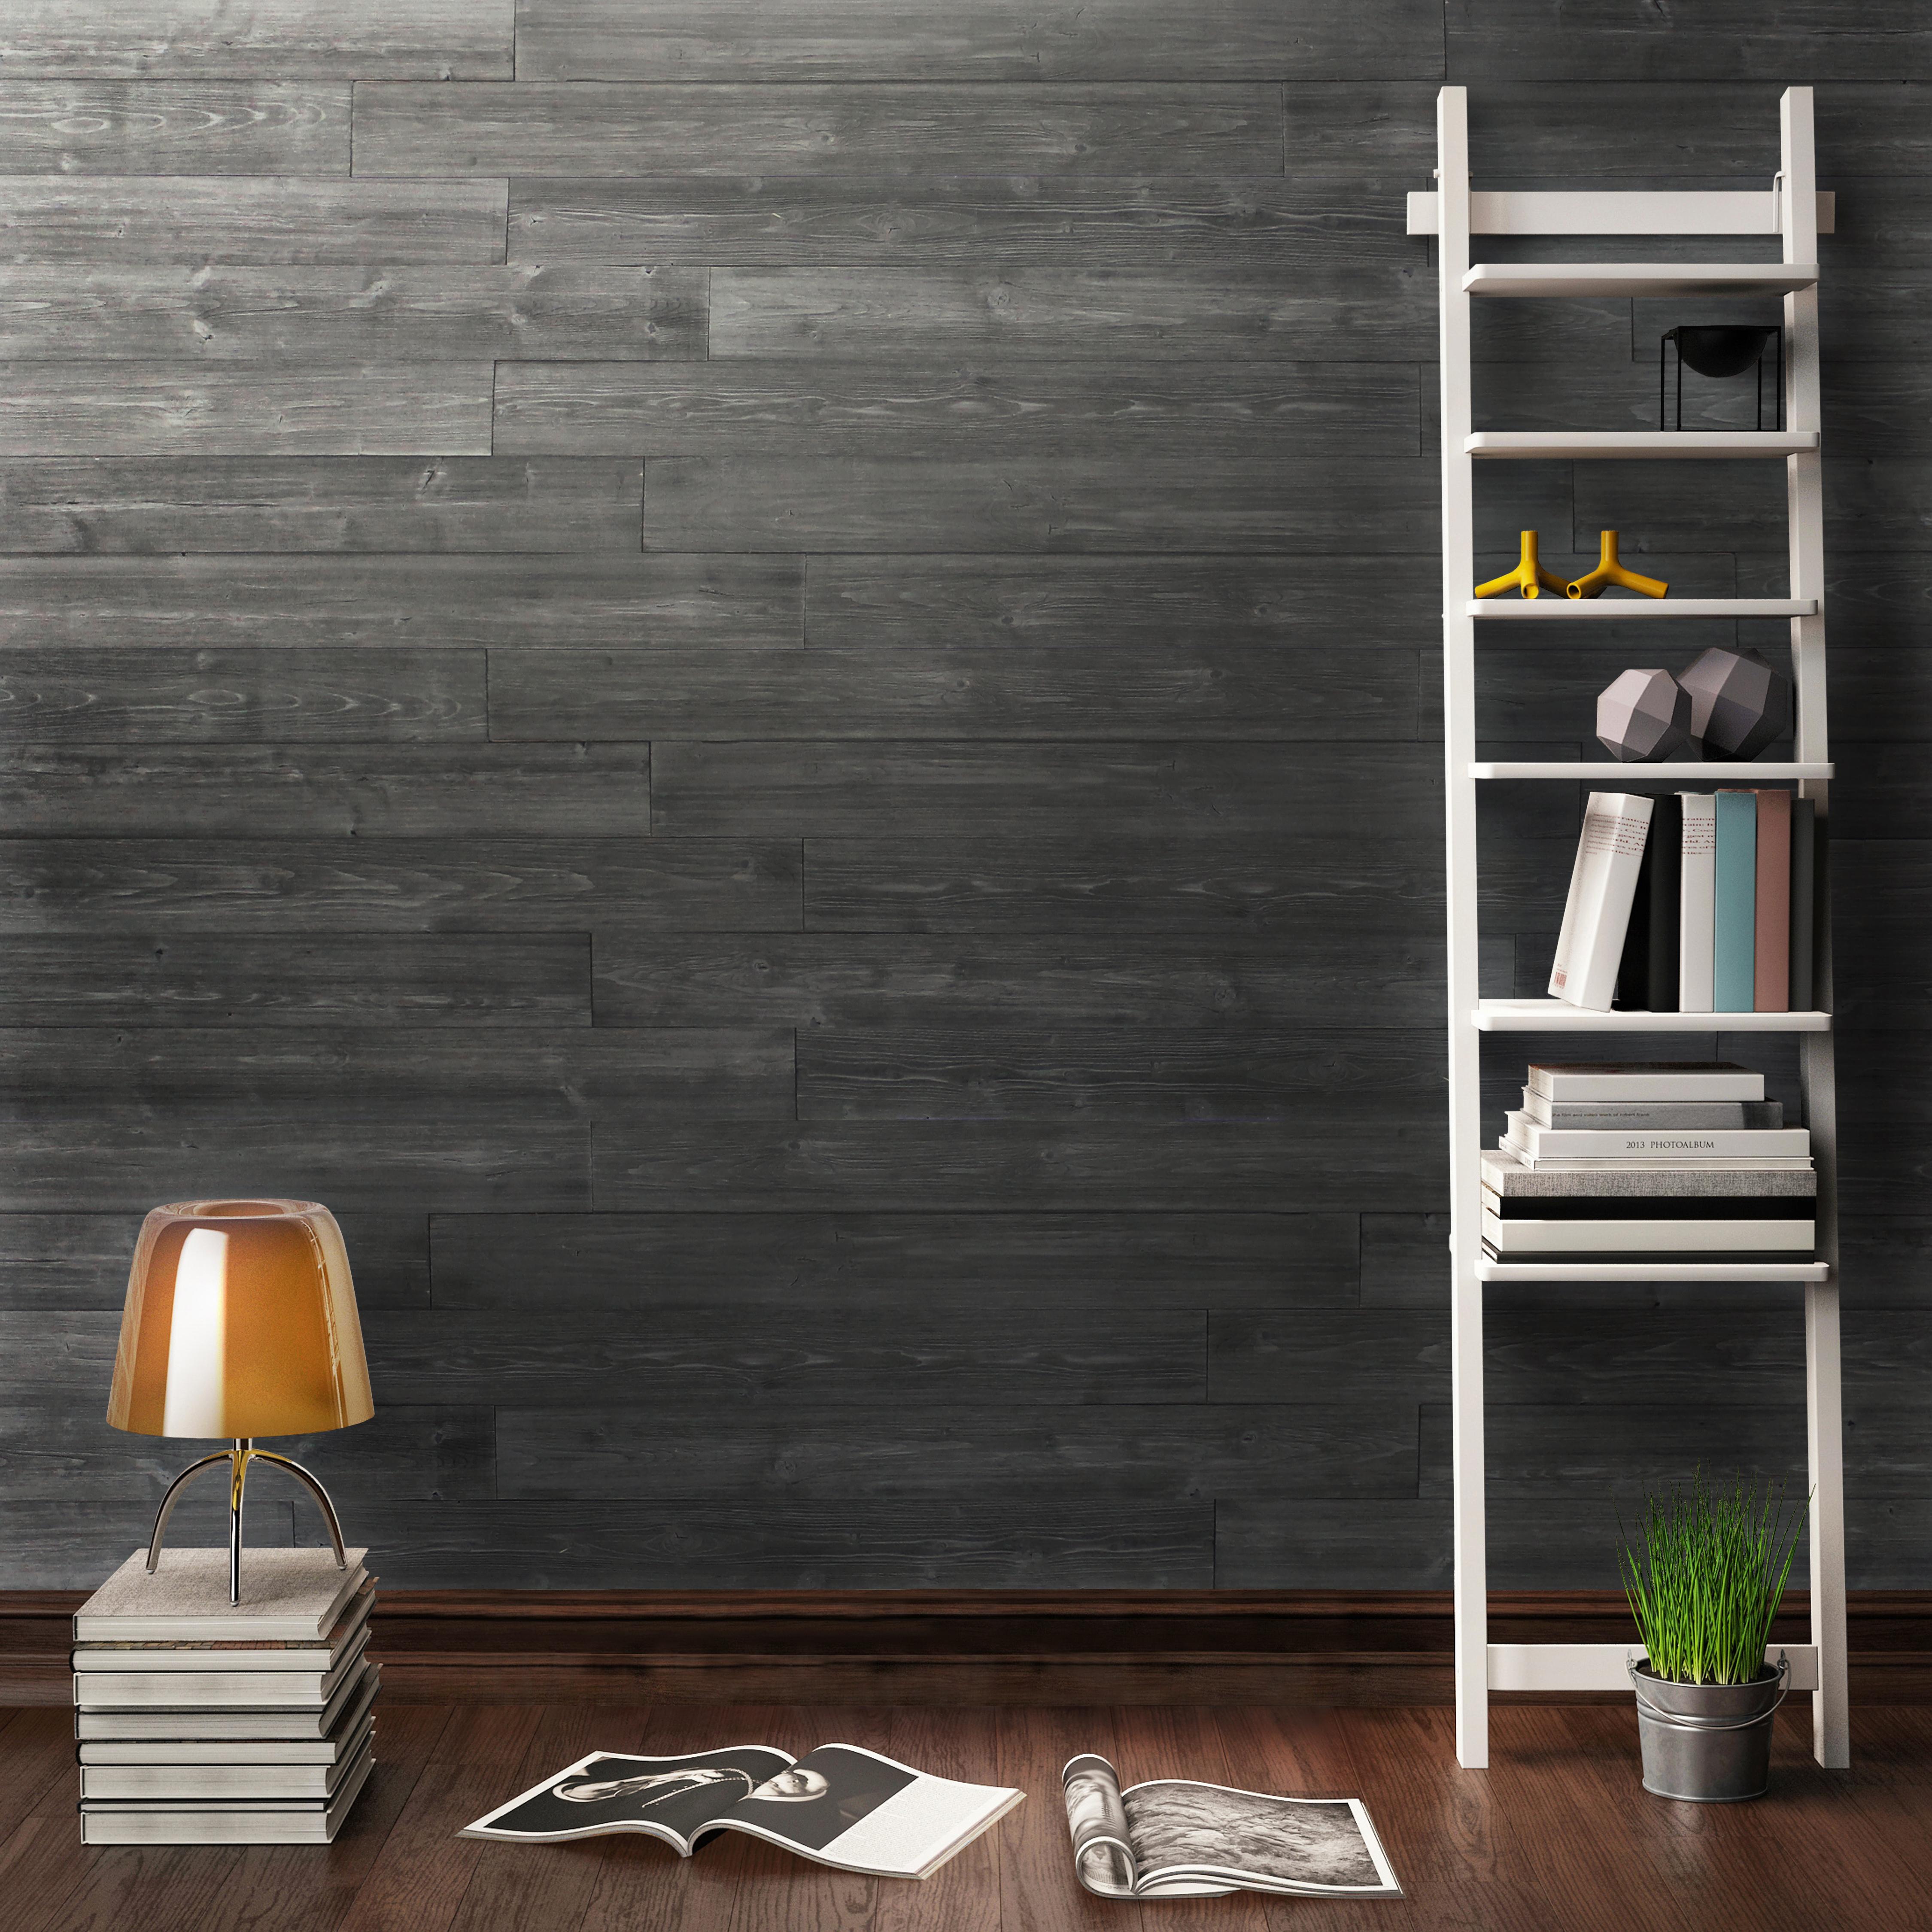 L Stick Diy Real Wood Wall Plank